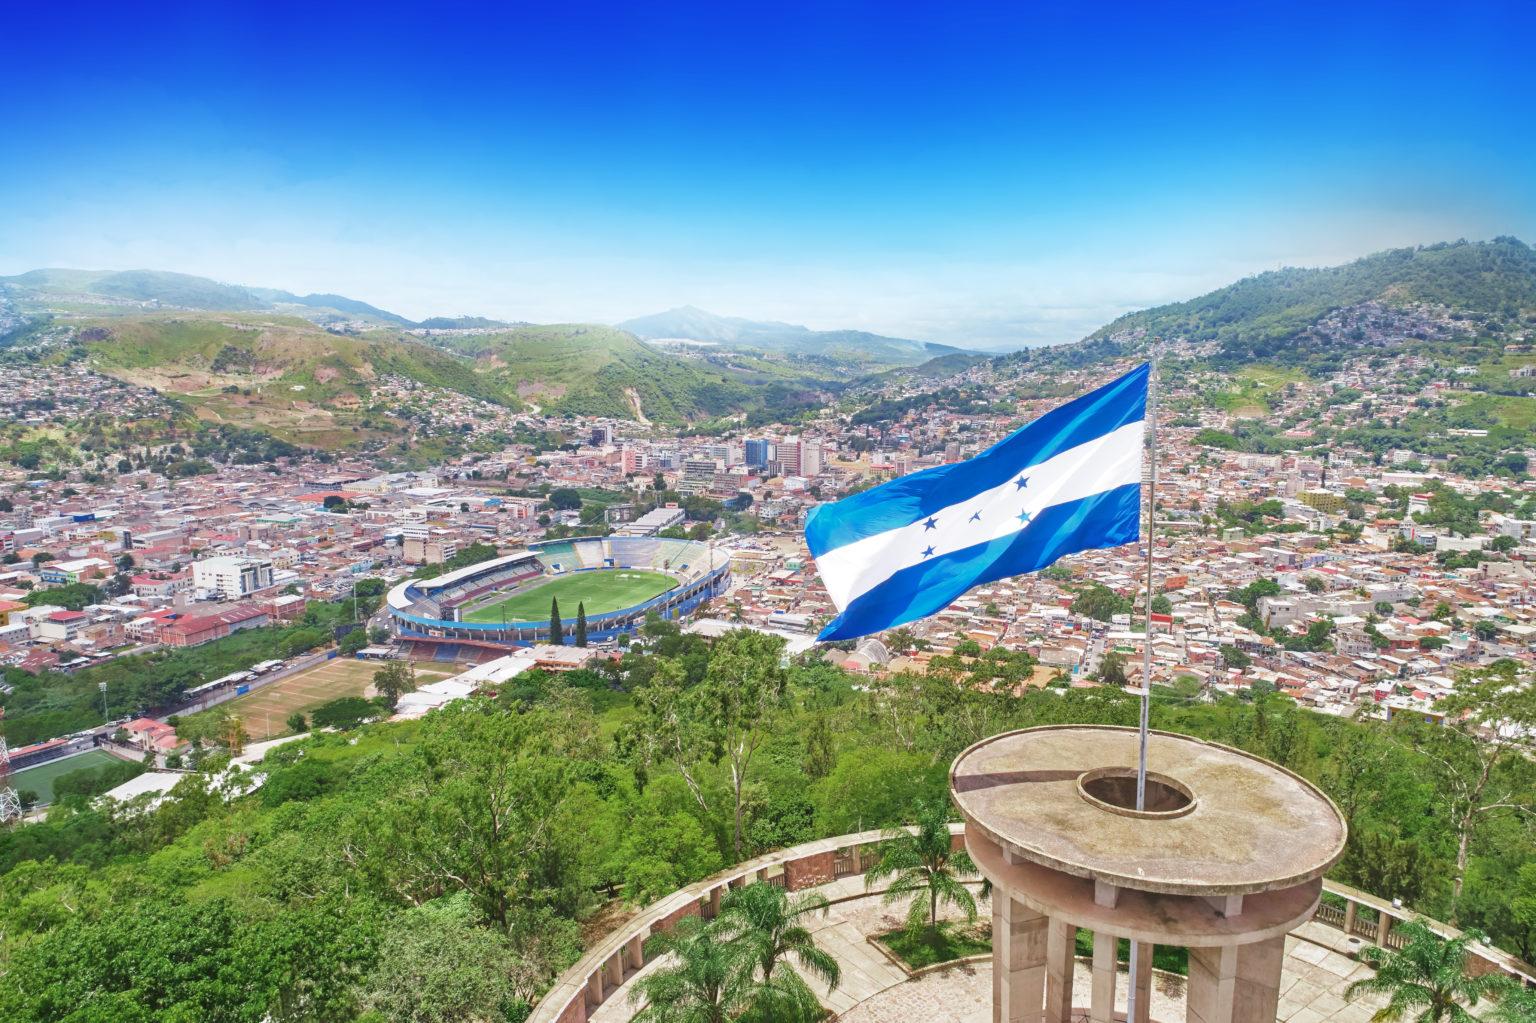 Walking tour in Tegucigalpa